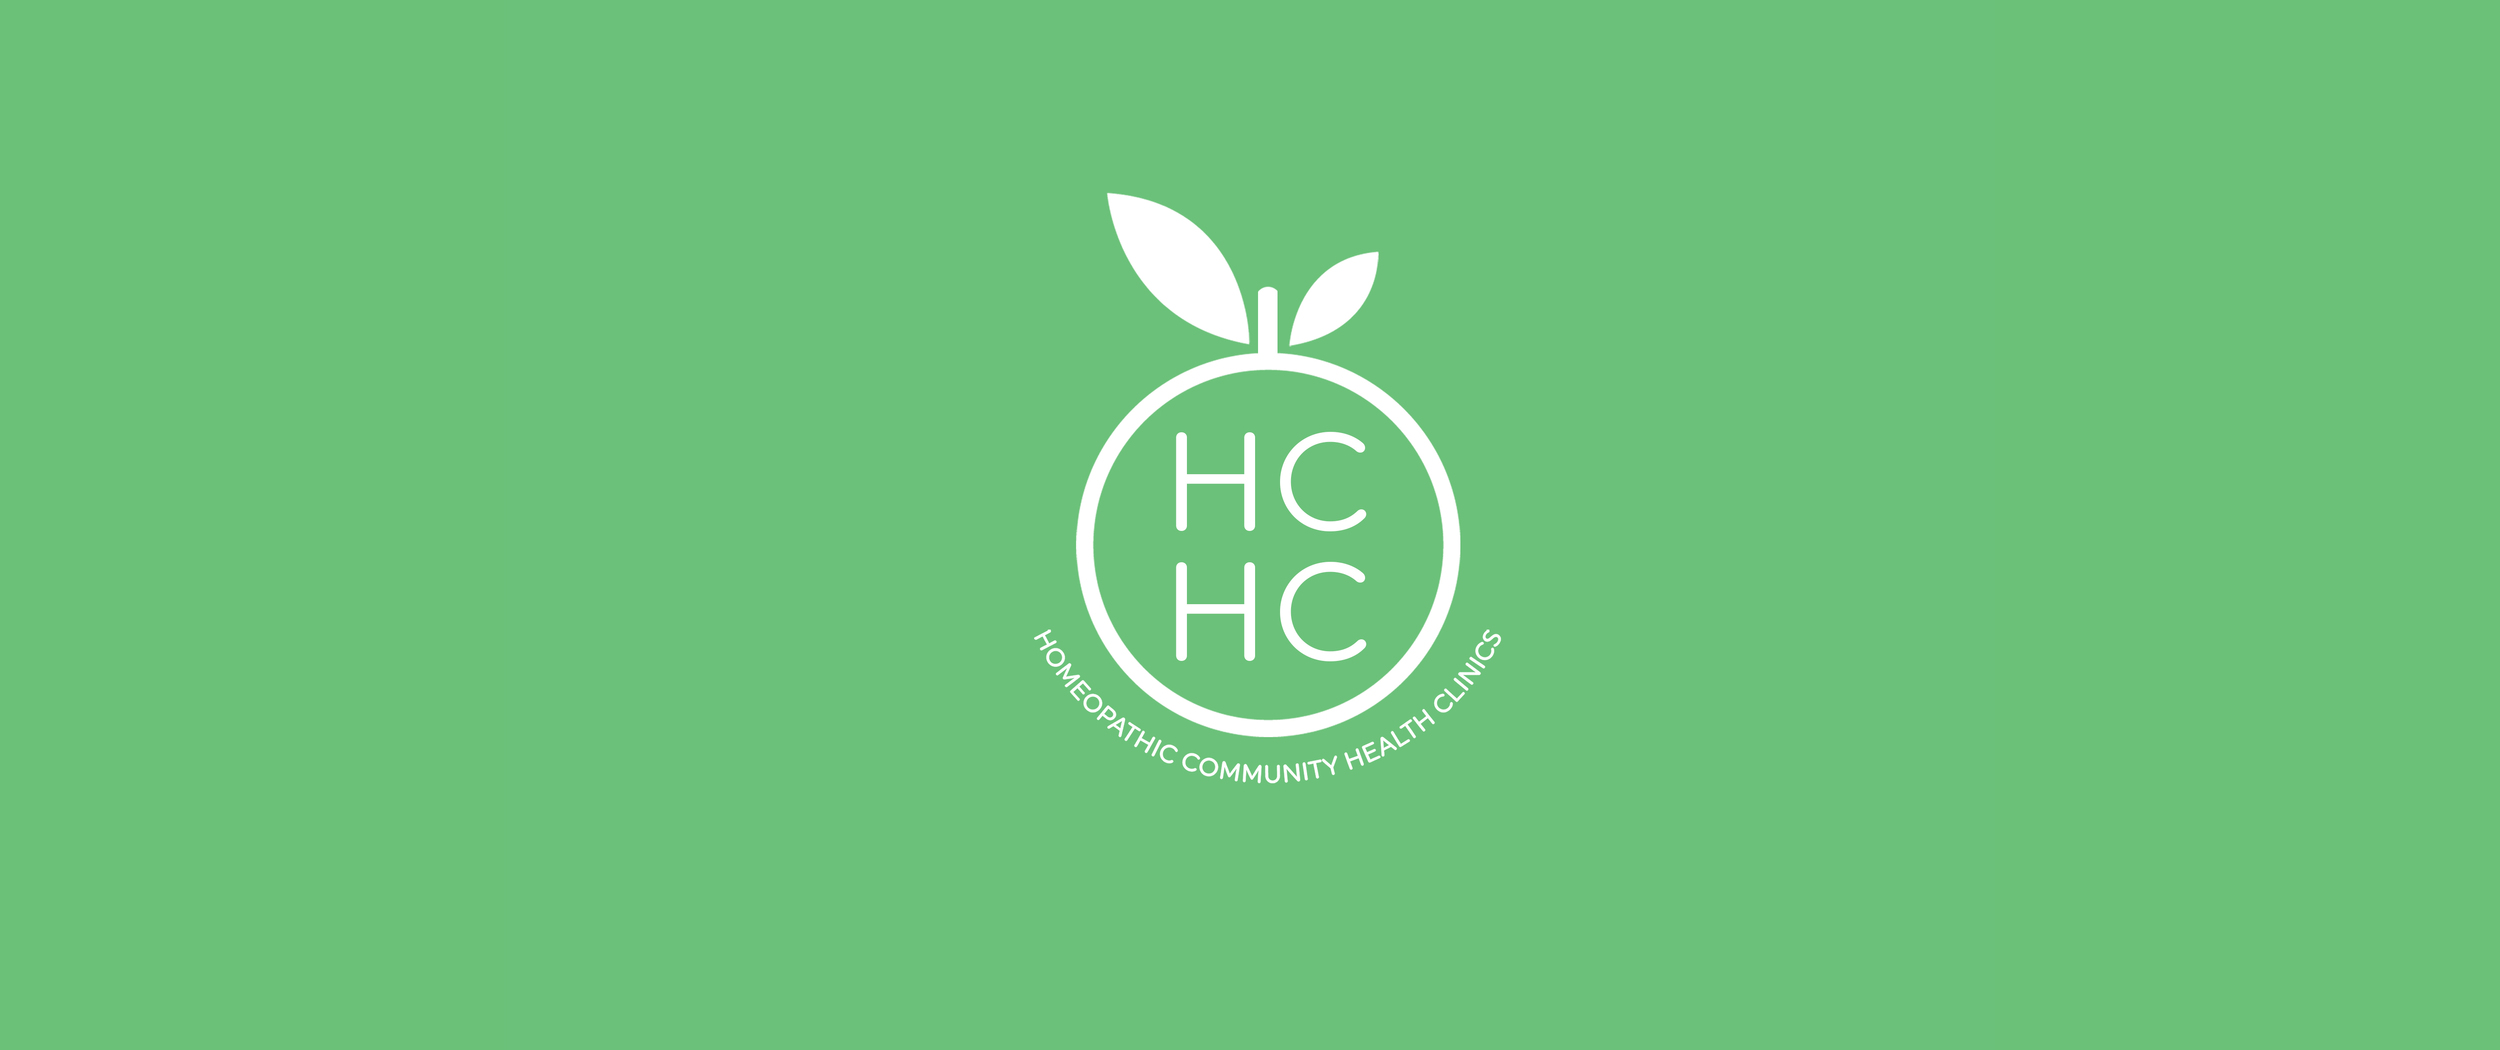 HCHC_FINAL3.jpg